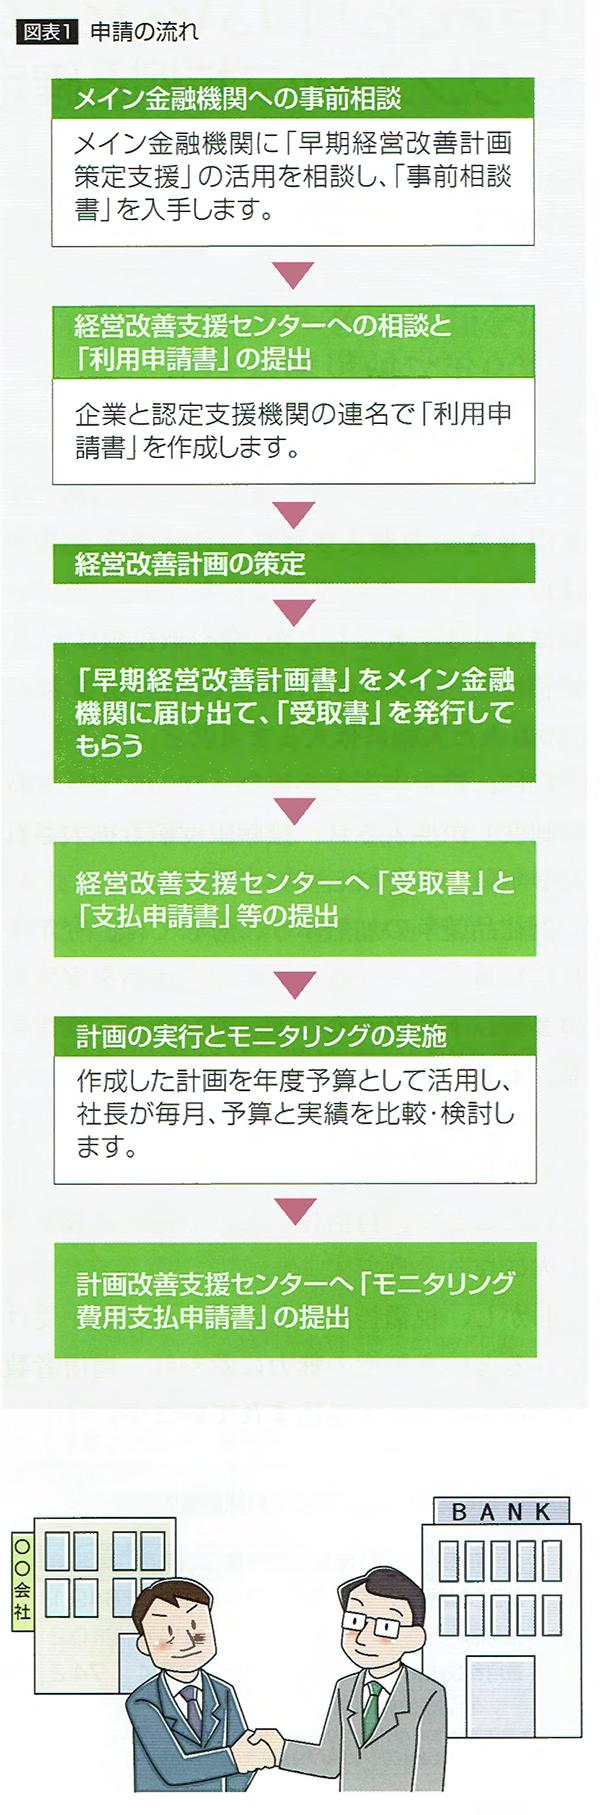 miyake201710-3.jpg